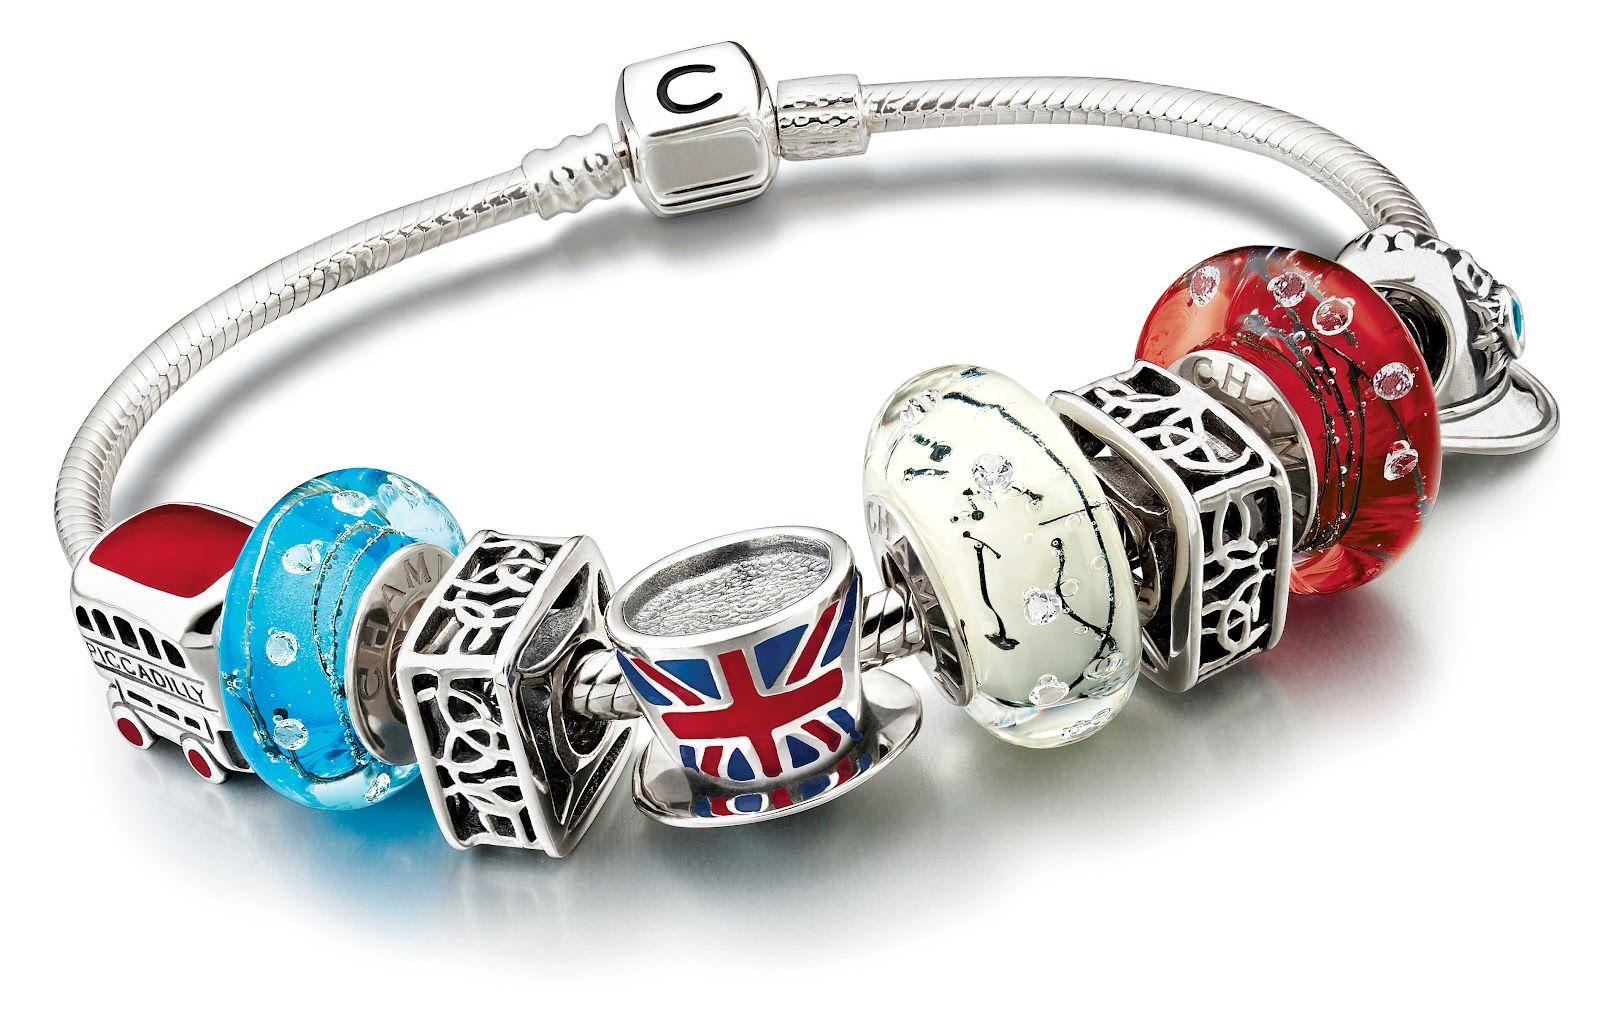 Official Pandora Charm Bracelet London 42602 Efc16